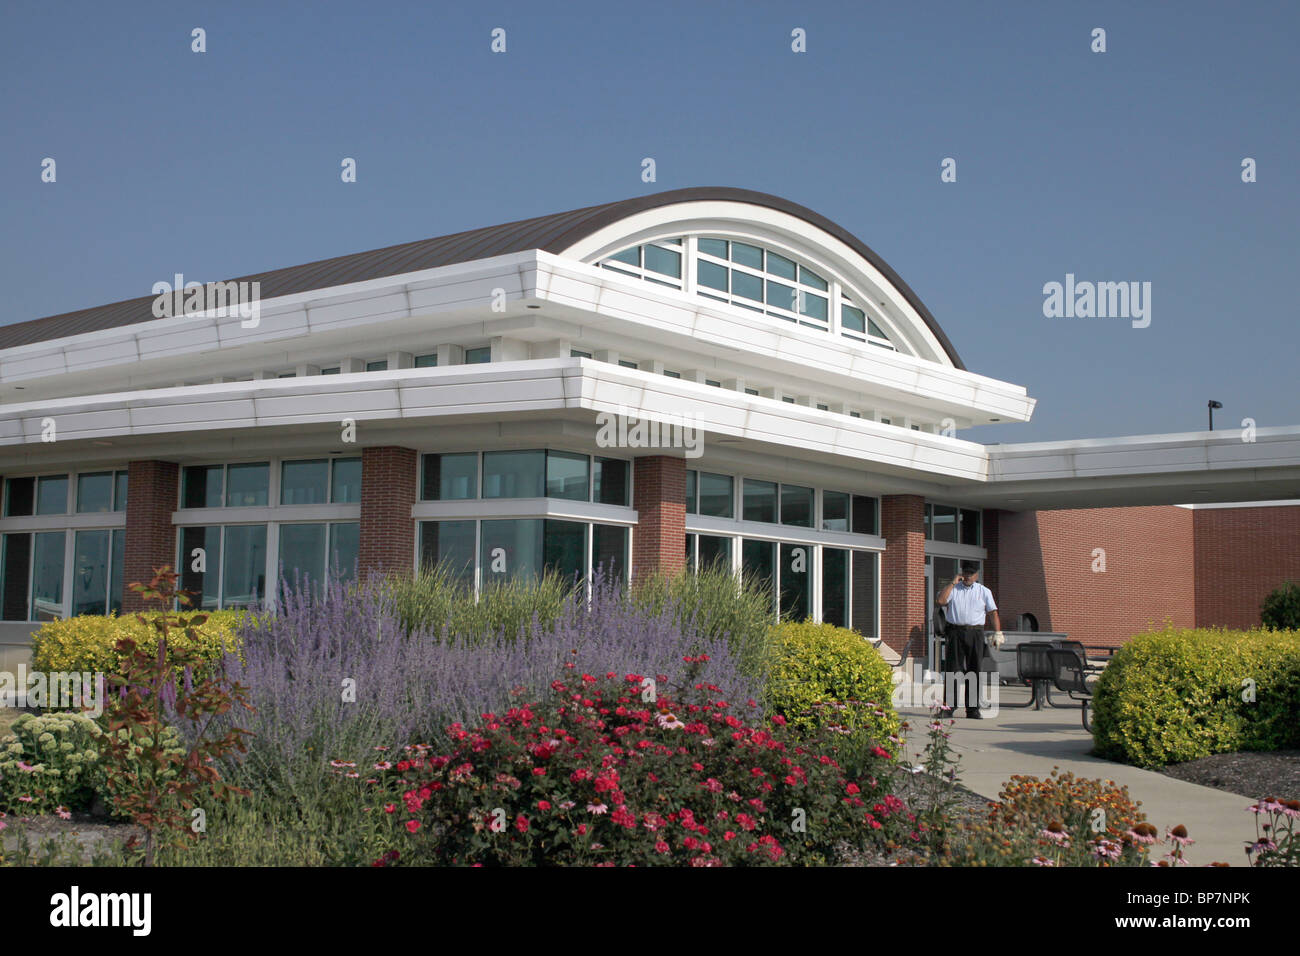 Blue Heron service plaza on Ohio turnpike westbound - Stock Image